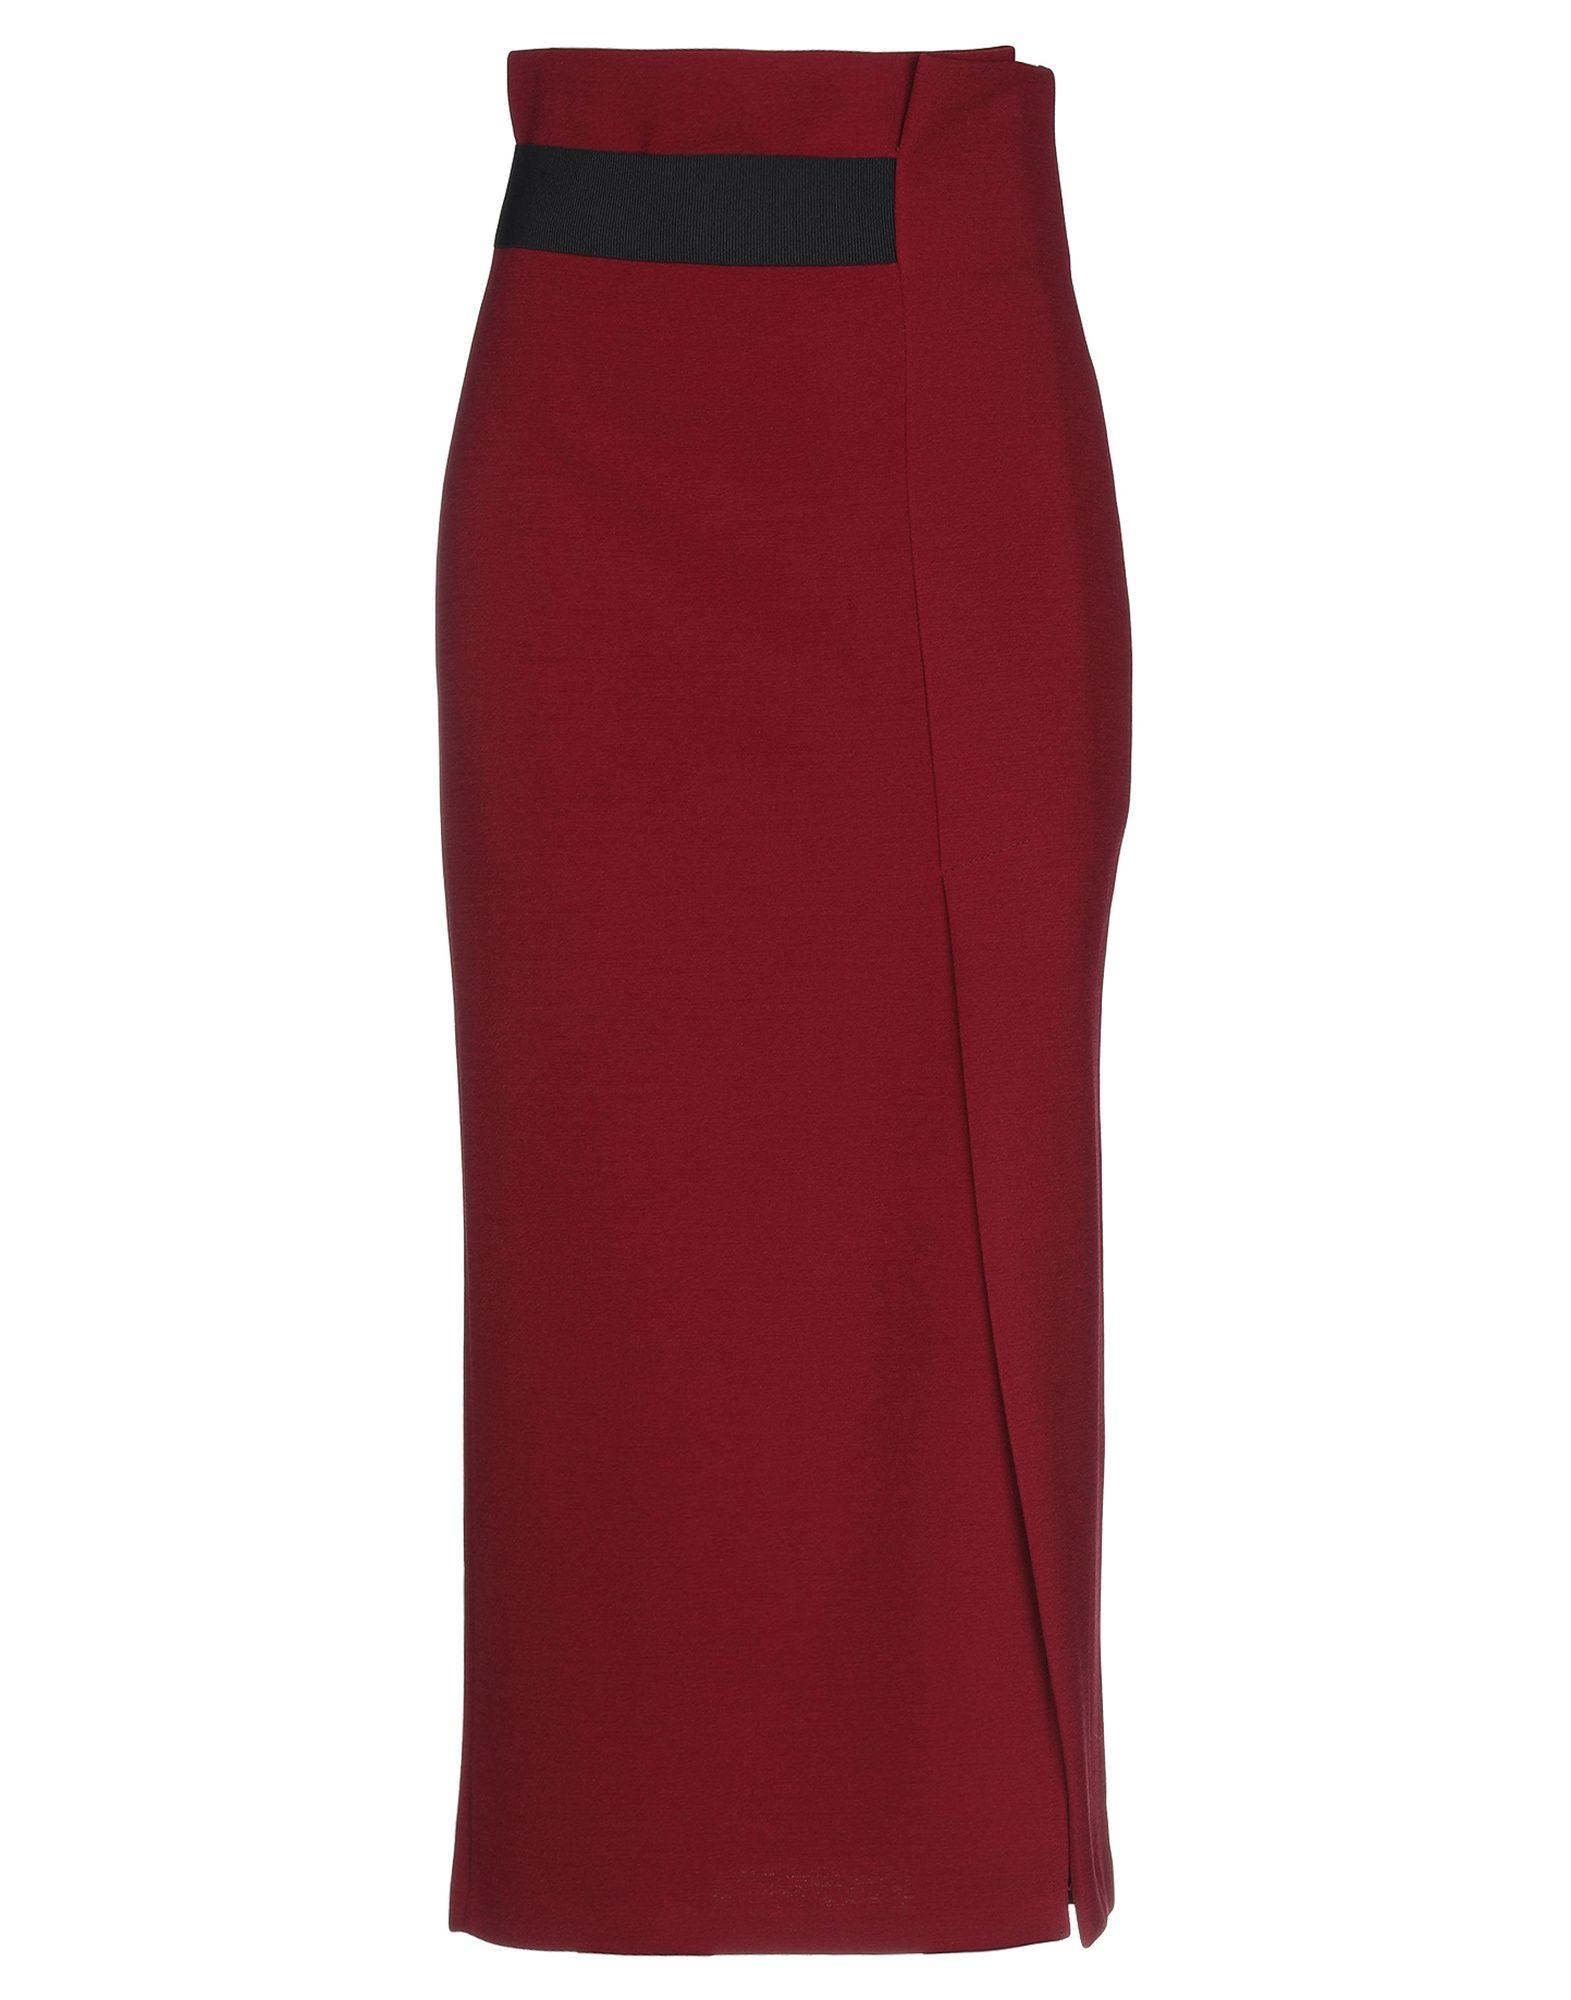 KATE BY LALTRAMODA Длинная юбка laltramoda юбка до колена